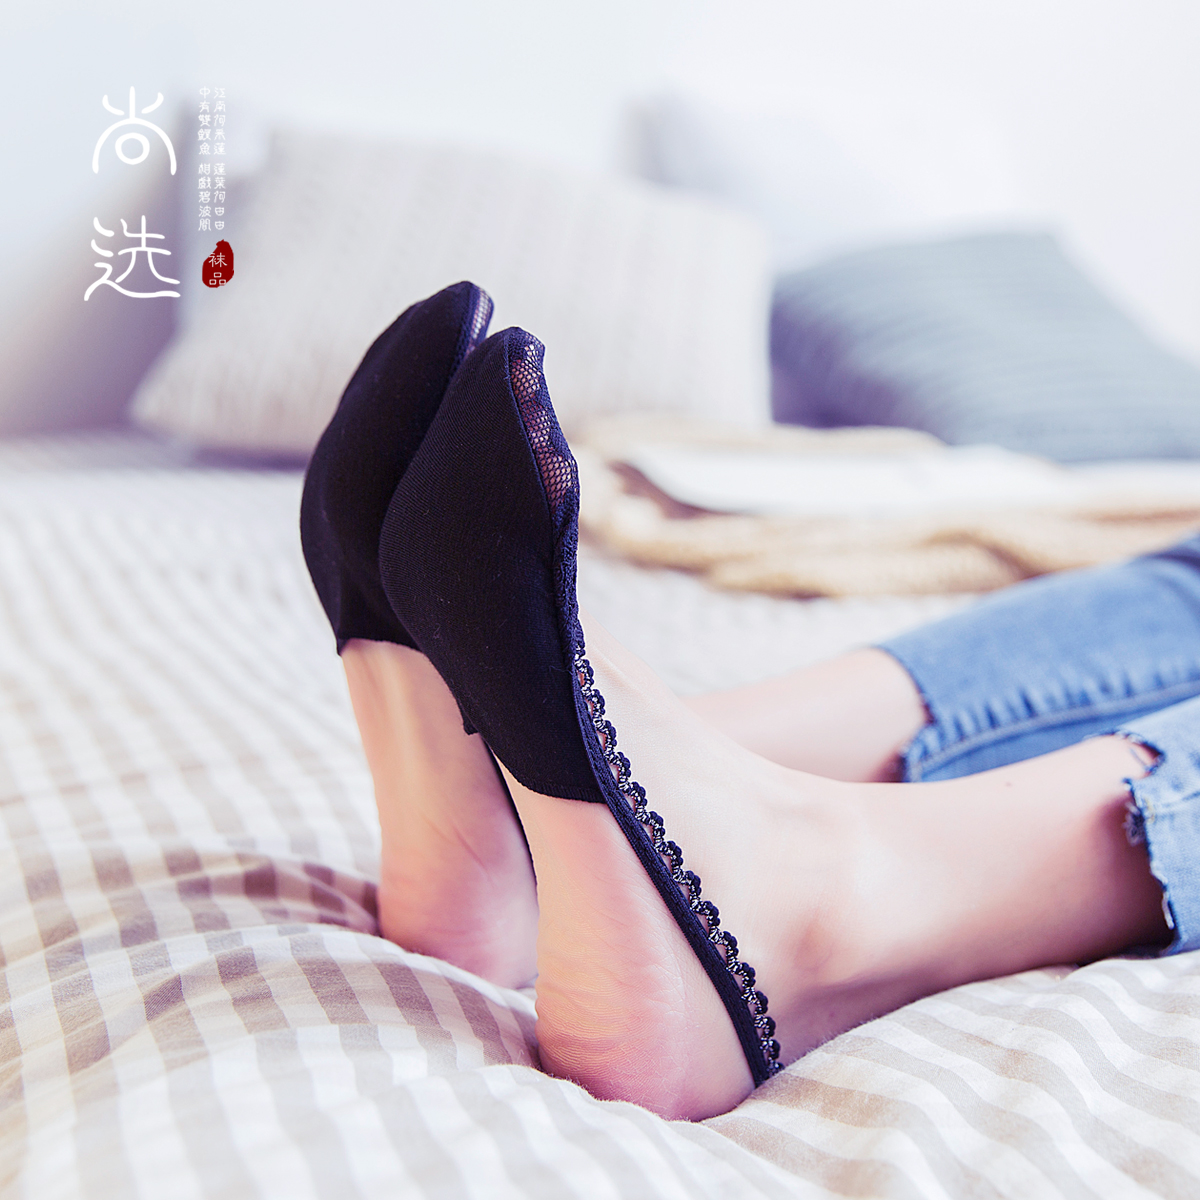 全隐形女浅口半掌袜子纯棉加厚款船袜前掌半截防滑秋冬蕾丝吊带袜